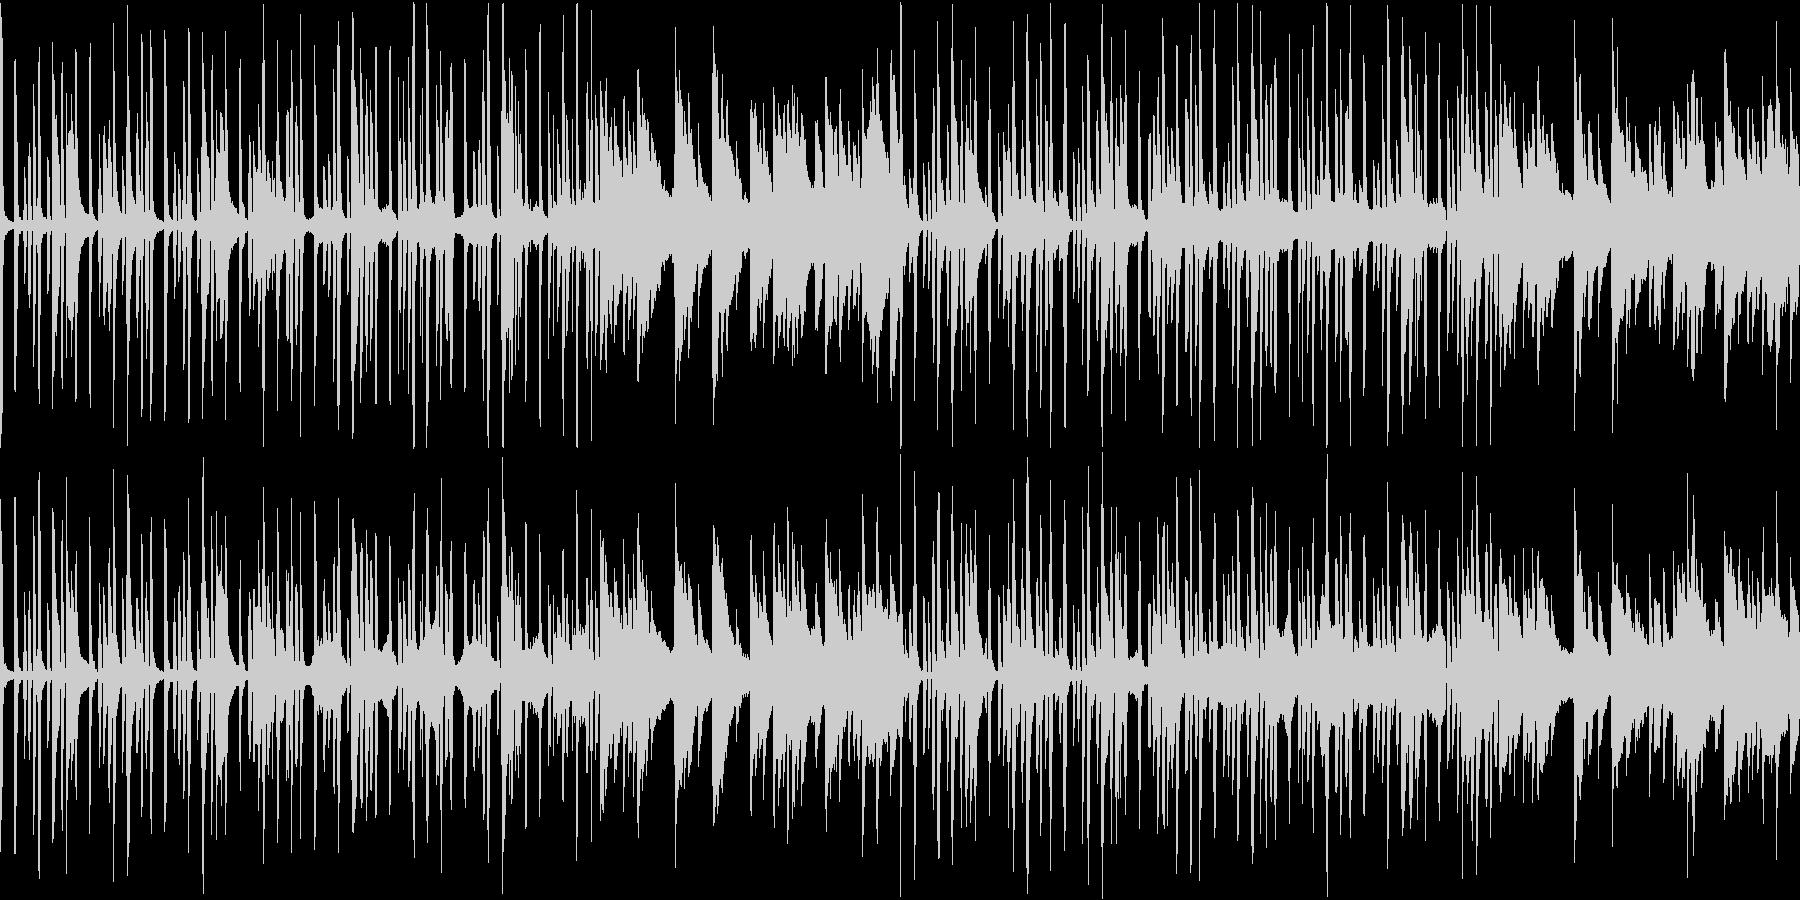 【リズム抜き】ほのぼの明るい素朴なBGMの未再生の波形